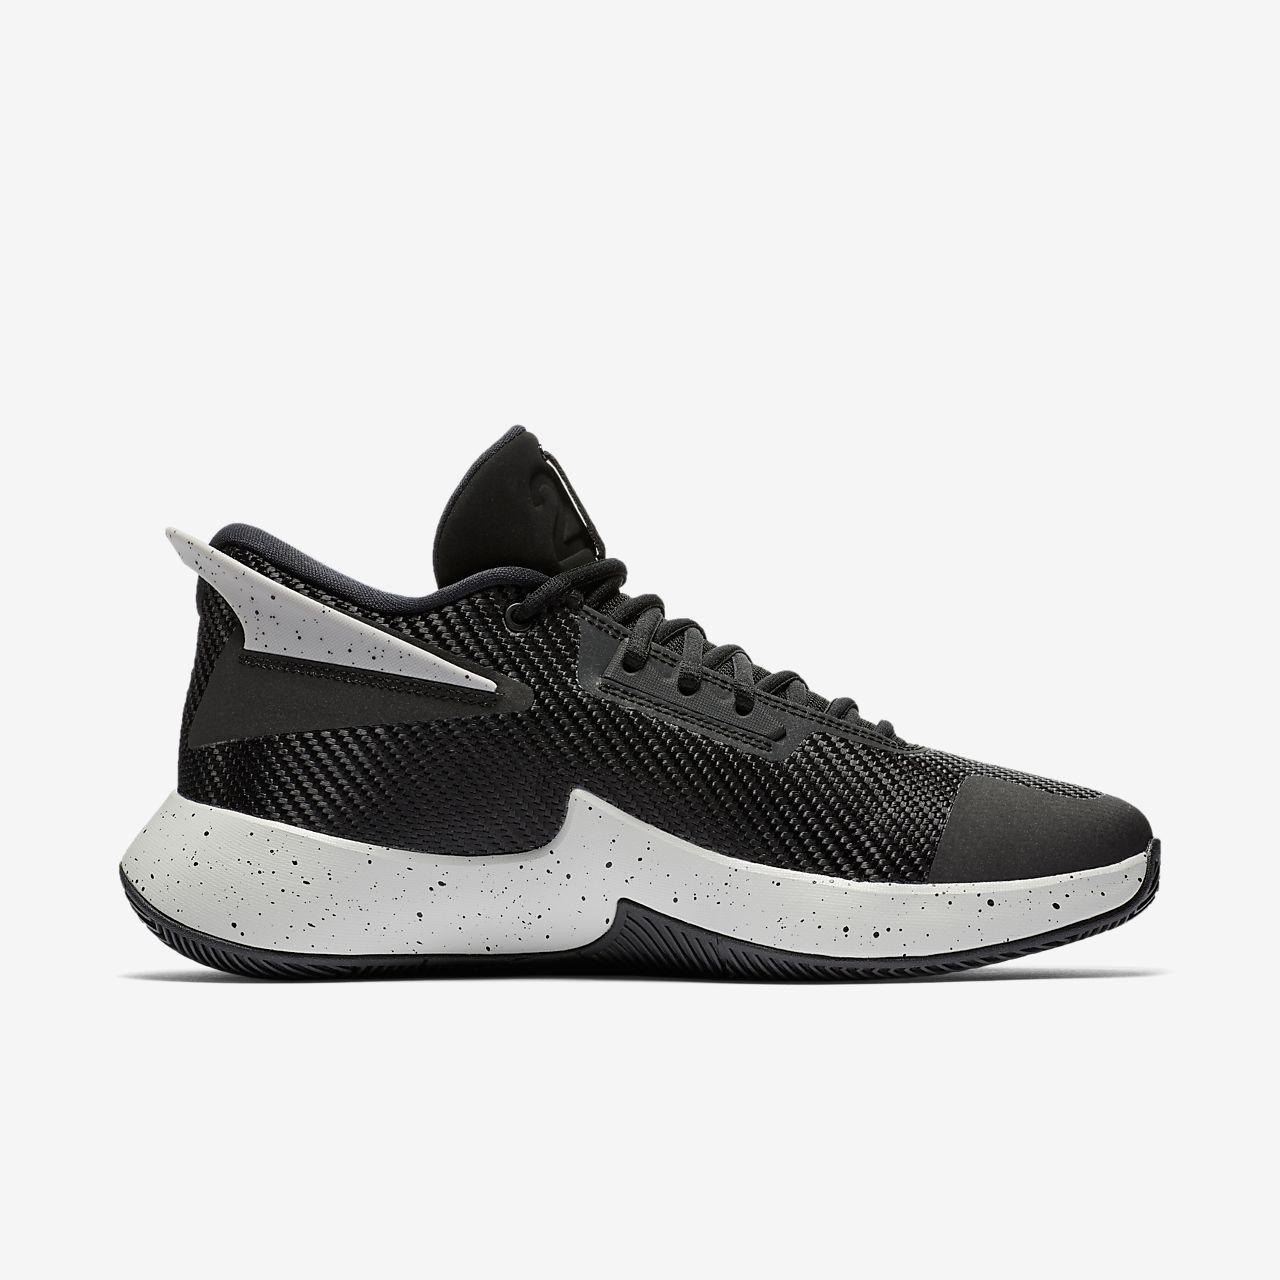 Nikebaskets Jordan Fly Lockdown Pas Cher 2018 Nouvelle Vente Pas Cher Footlocker Finishline 2018 Nouveau À Vendre Acheter Pas Cher Véritable dYcmw